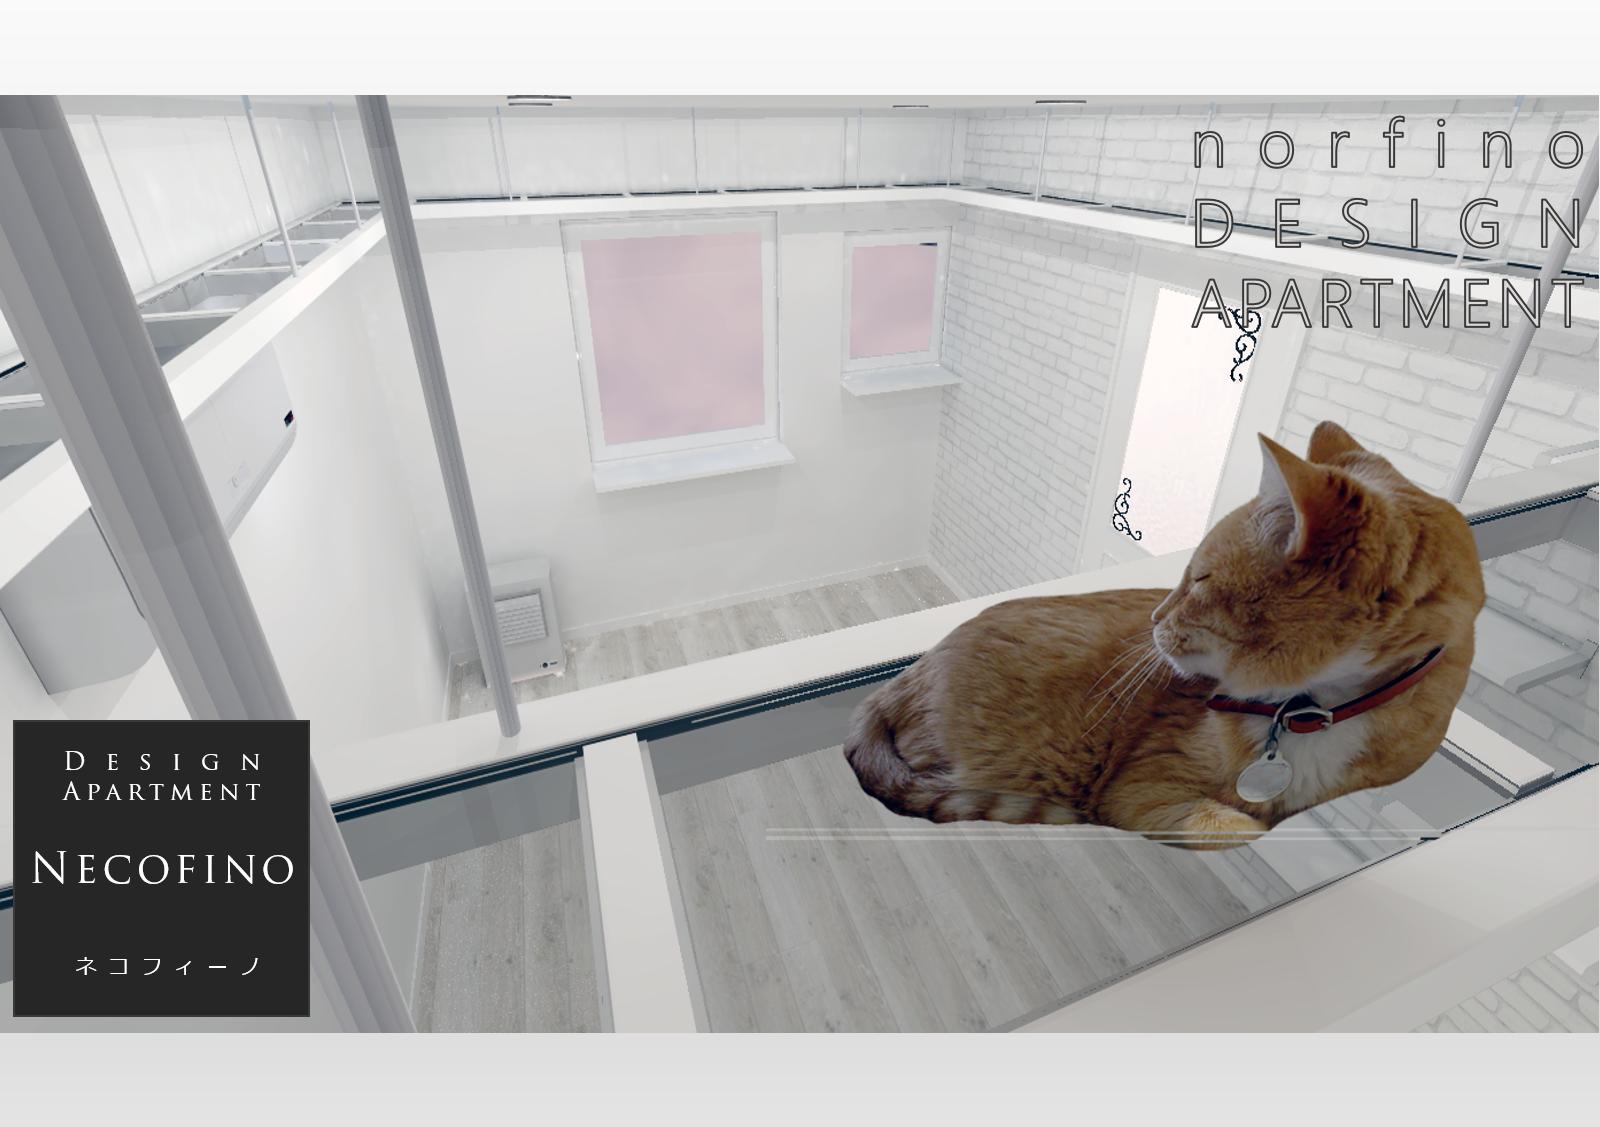 Necofino ネコフィーノ 余市町ペット可デザイナーズ物件 ネコフィーノ 猫 賃貸 ペット 家